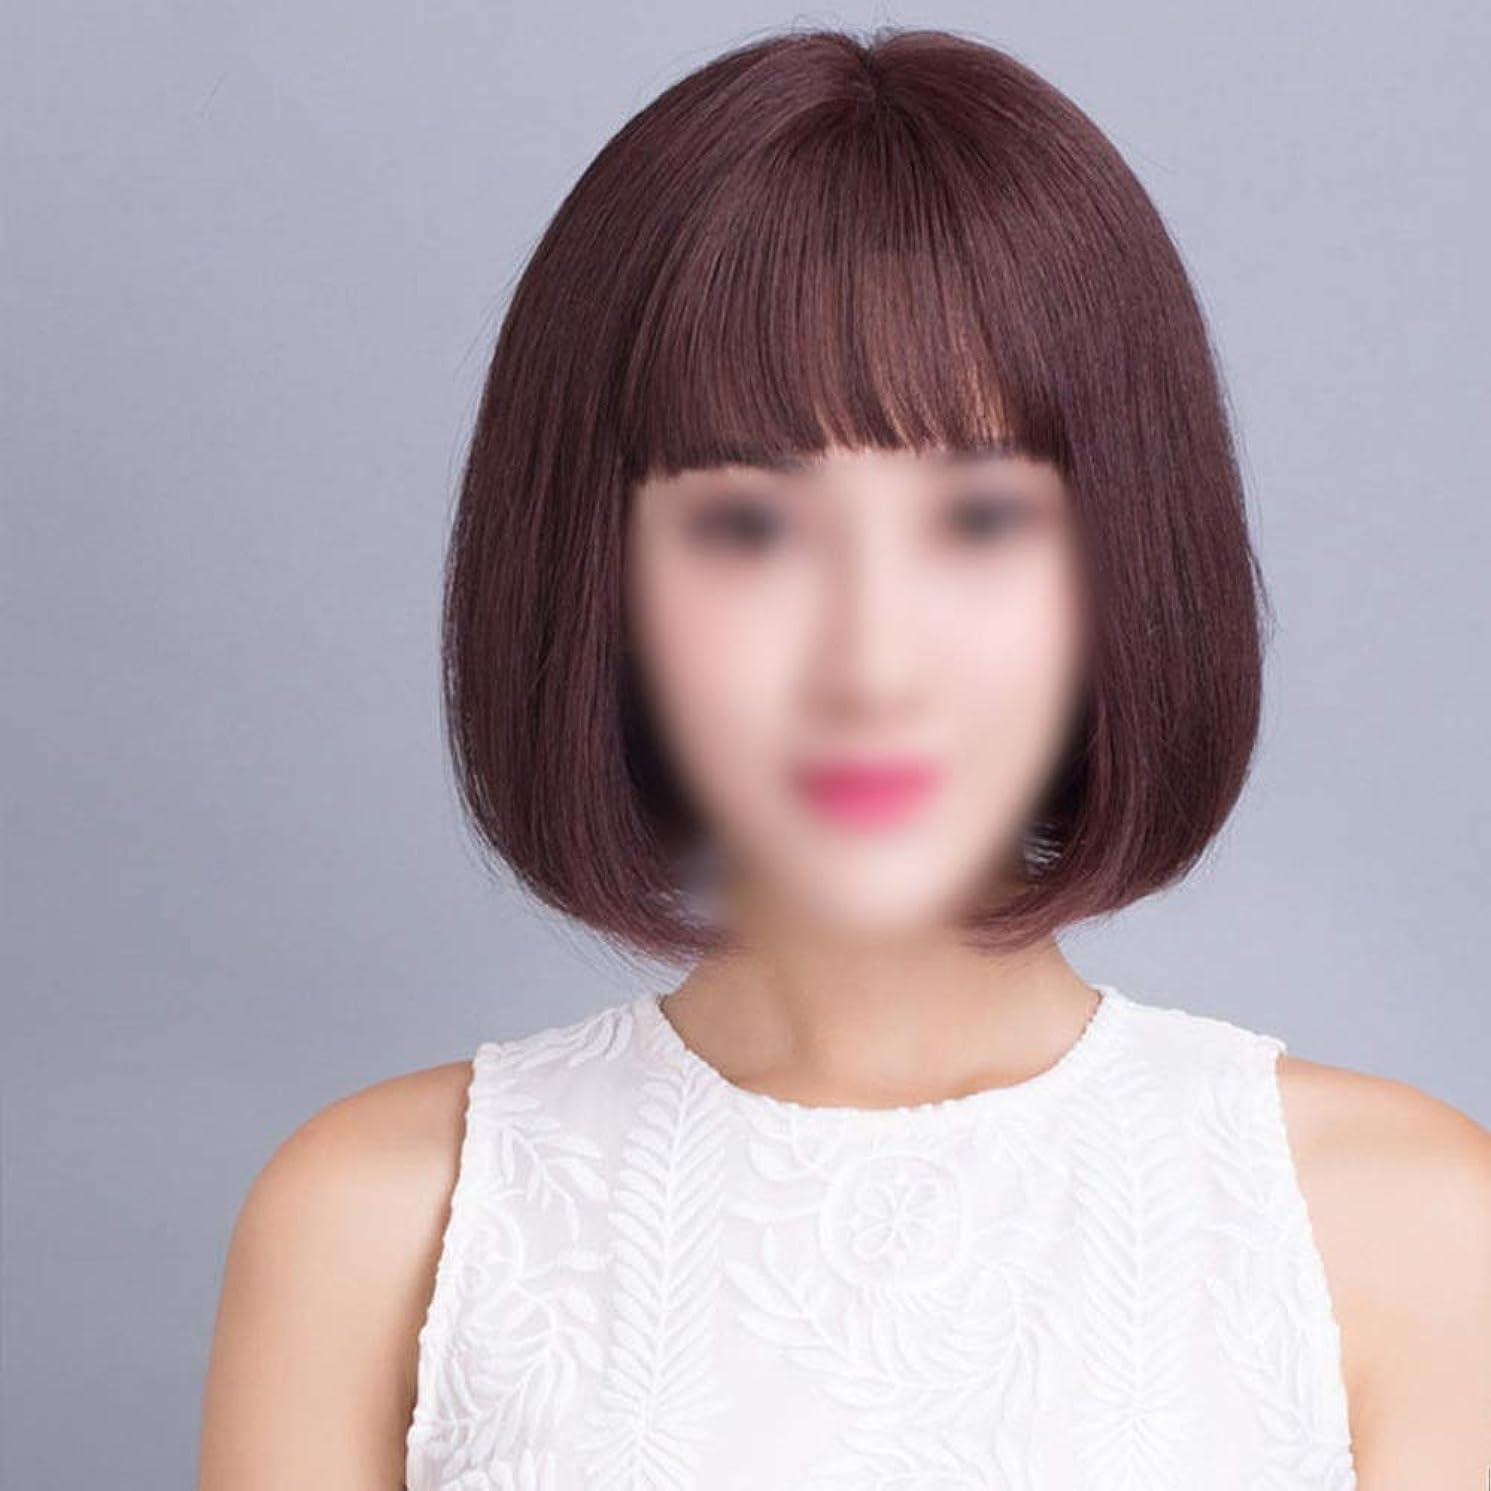 上昇粘着性下にHOHYLLYA 女性の短い髪本物の髪ボブかつらかつらかつらファッションかつら (色 : Hand-woven top heart - dark brown)